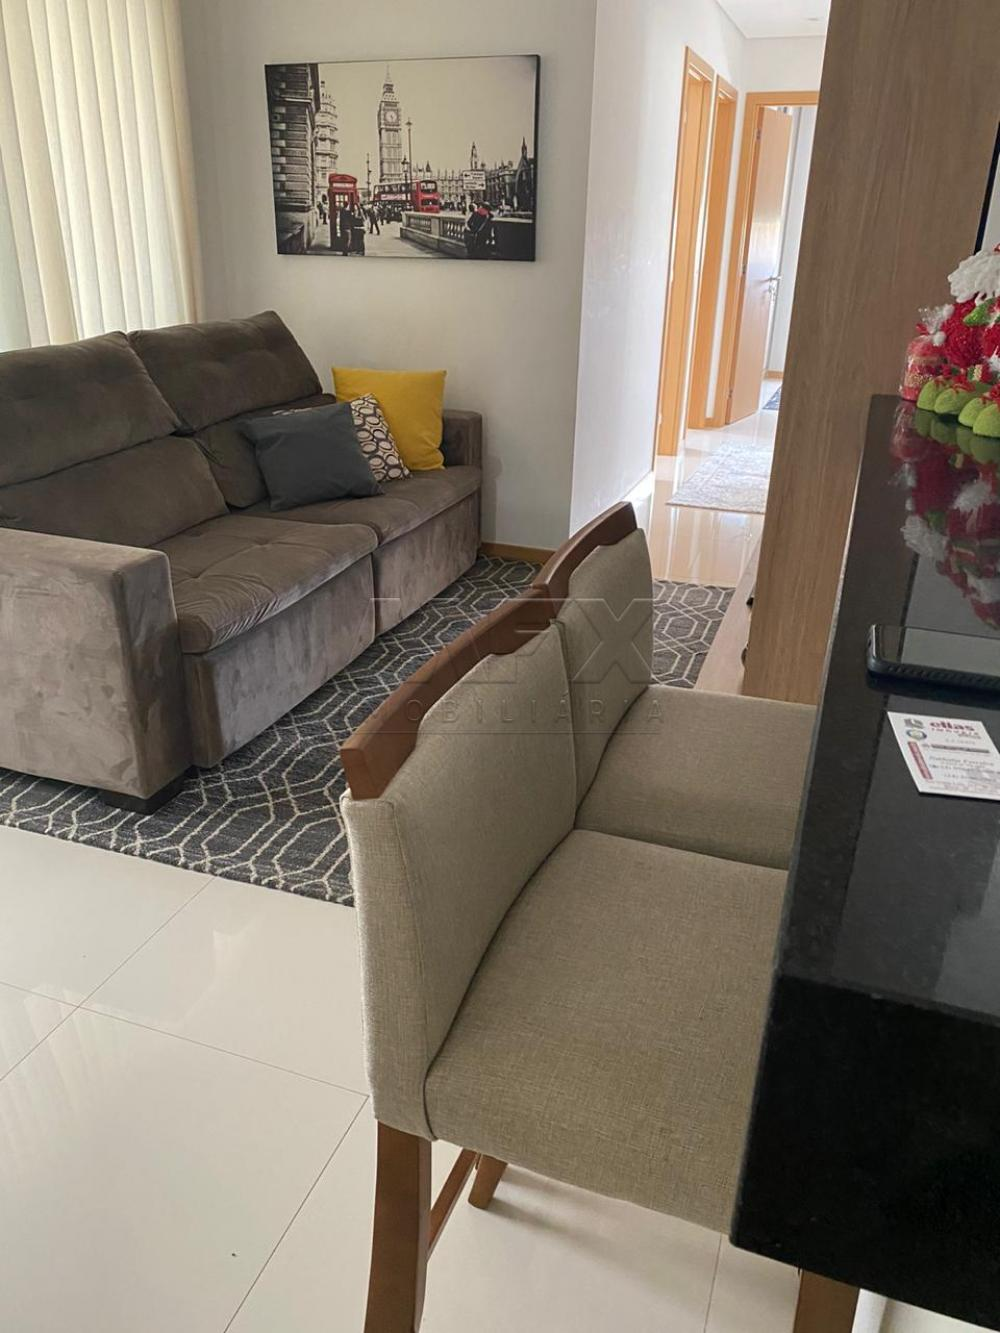 Comprar Apartamento / Padrão em Bauru R$ 580.000,00 - Foto 16